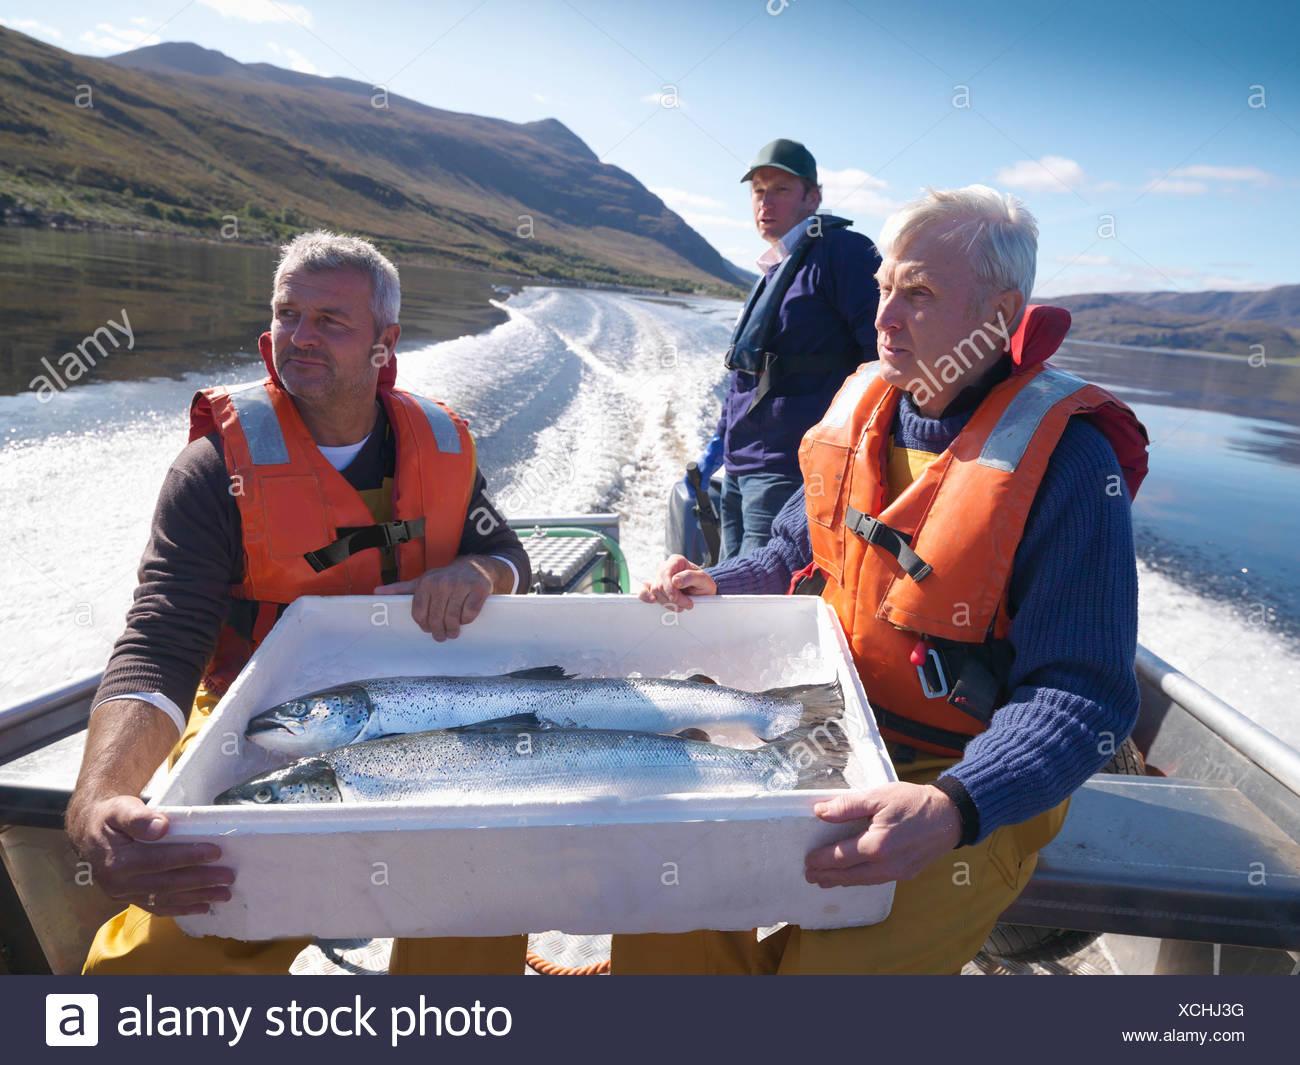 Les pêcheurs avec prises de la journée sur le bateau Photo Stock